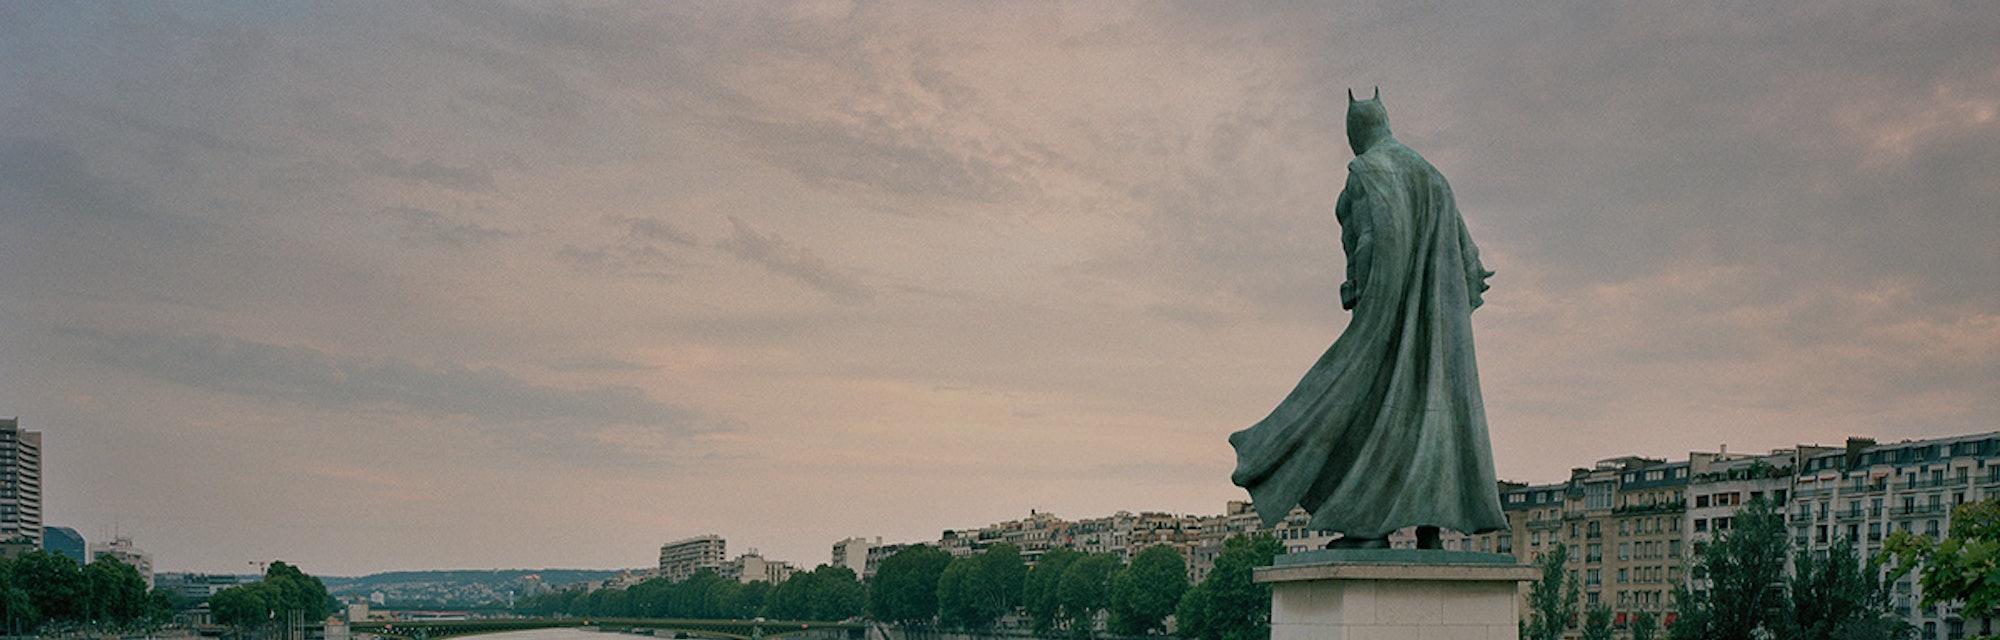 Batman statue in Paris